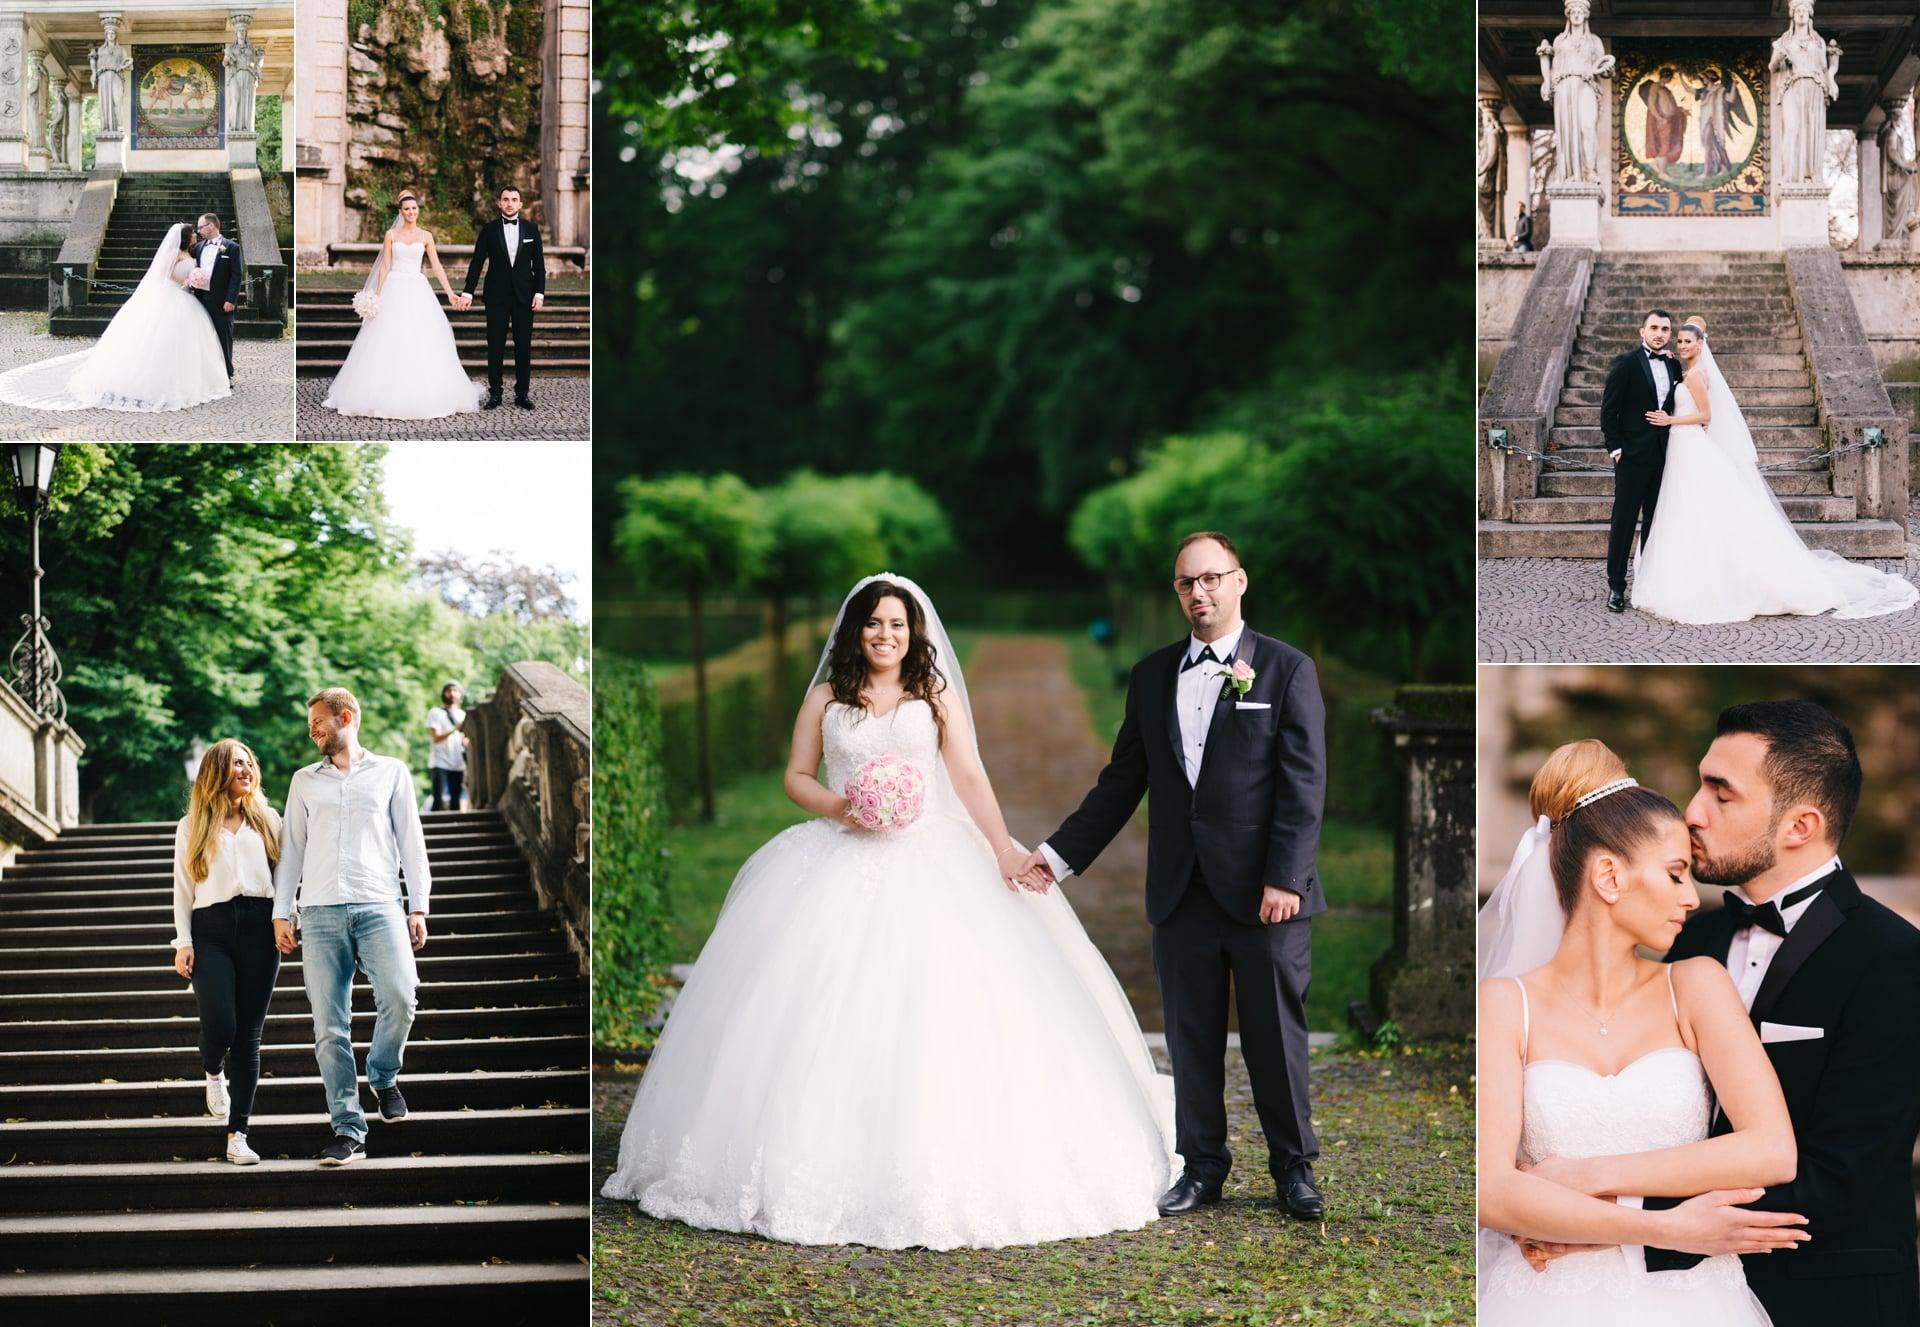 Friedensengel mit einem Brautpaar. Eine der besten Fotolocations für Hochzeitspaare.